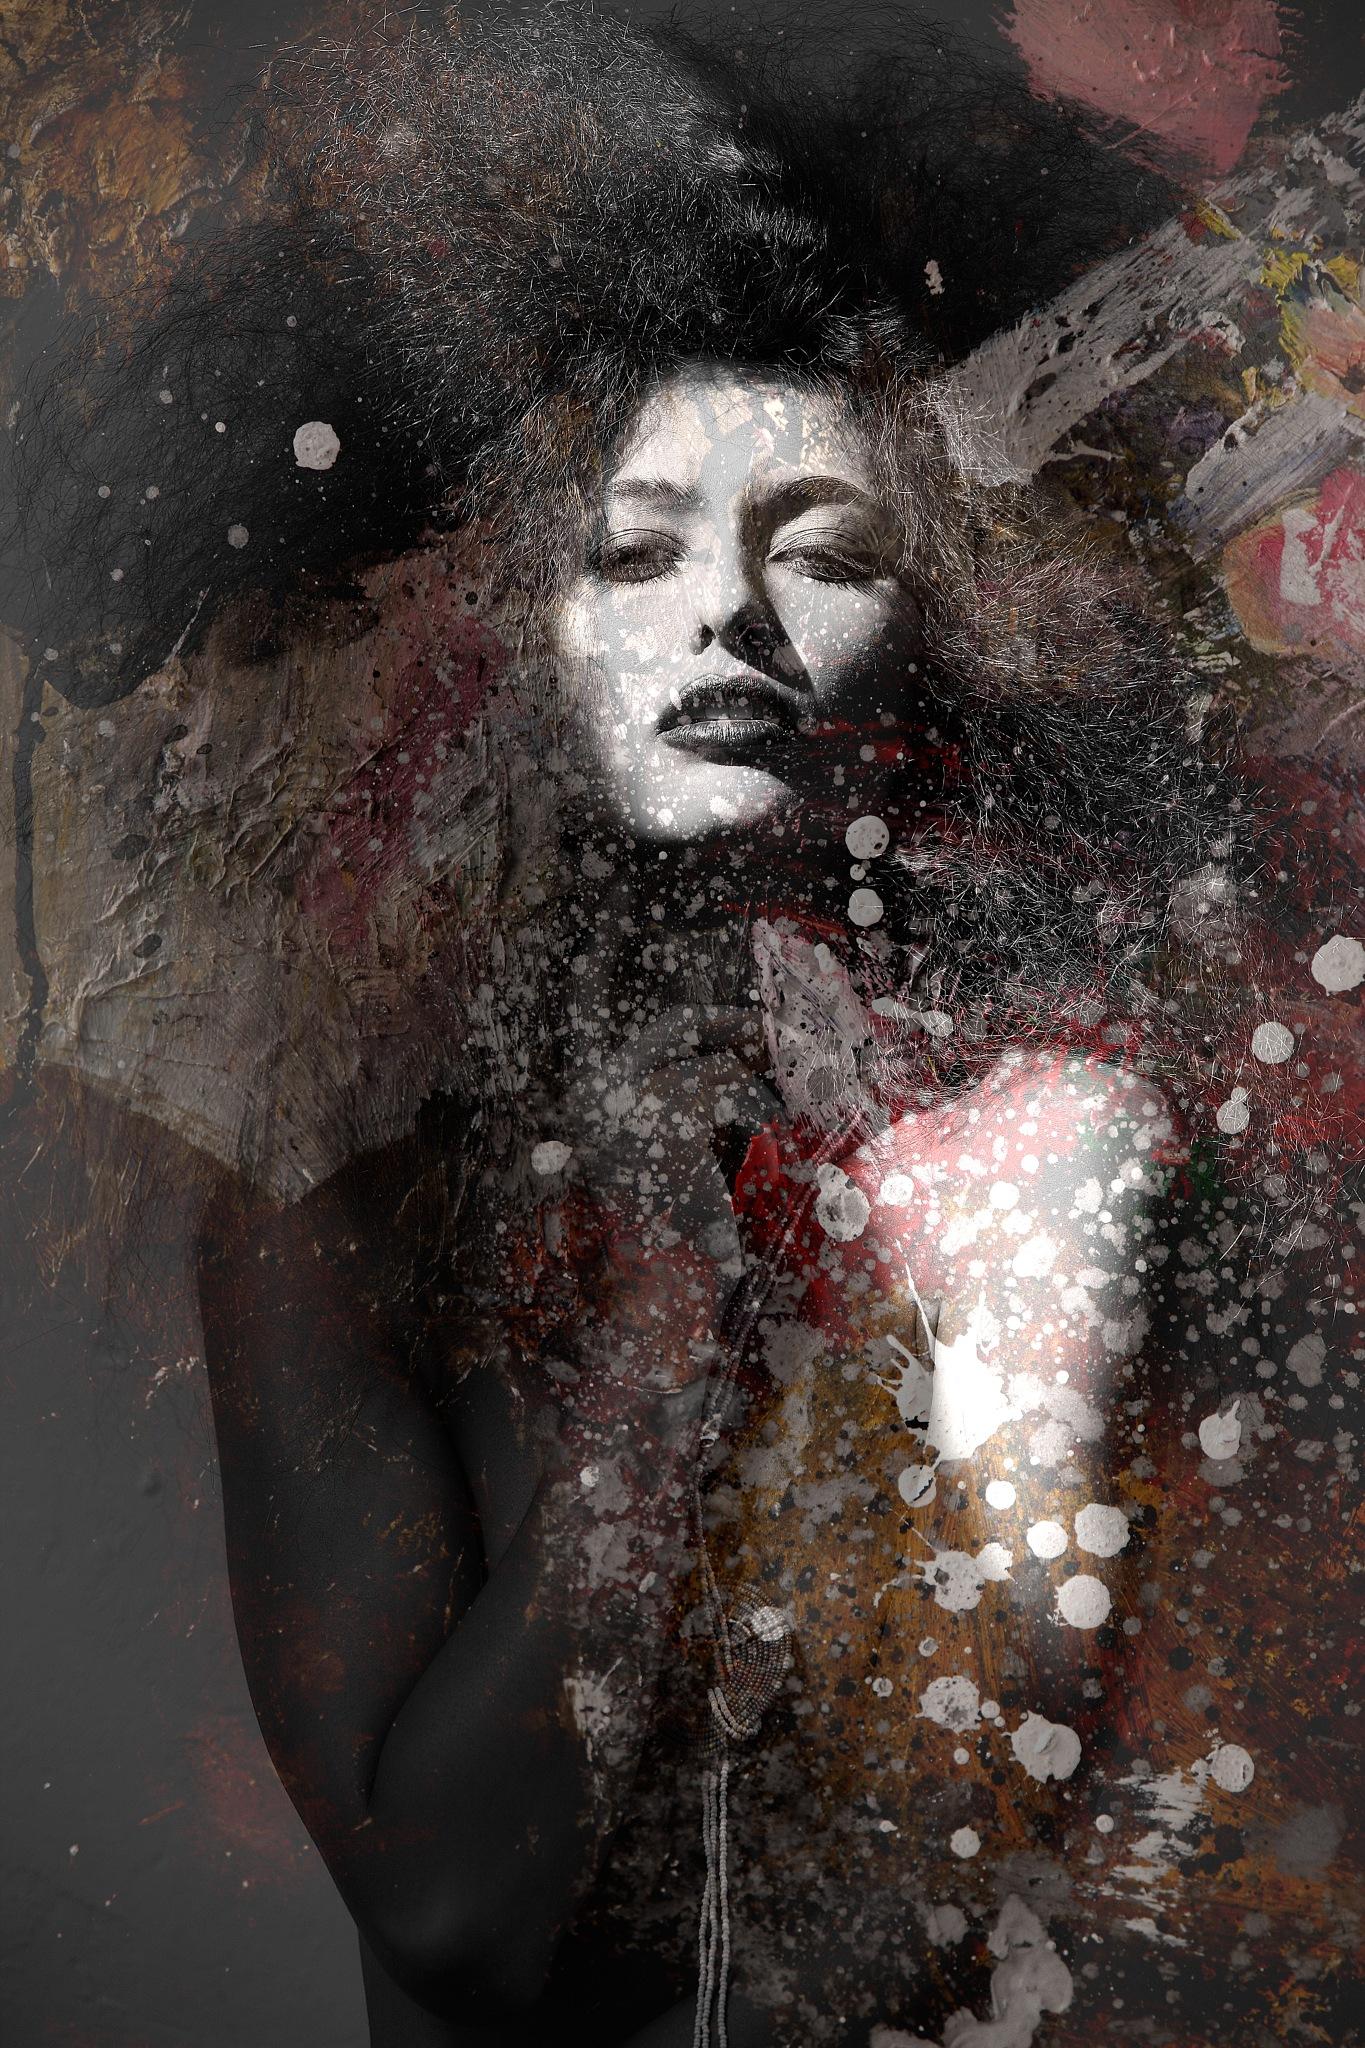 Evanescence by Tomasz Tomkowiak